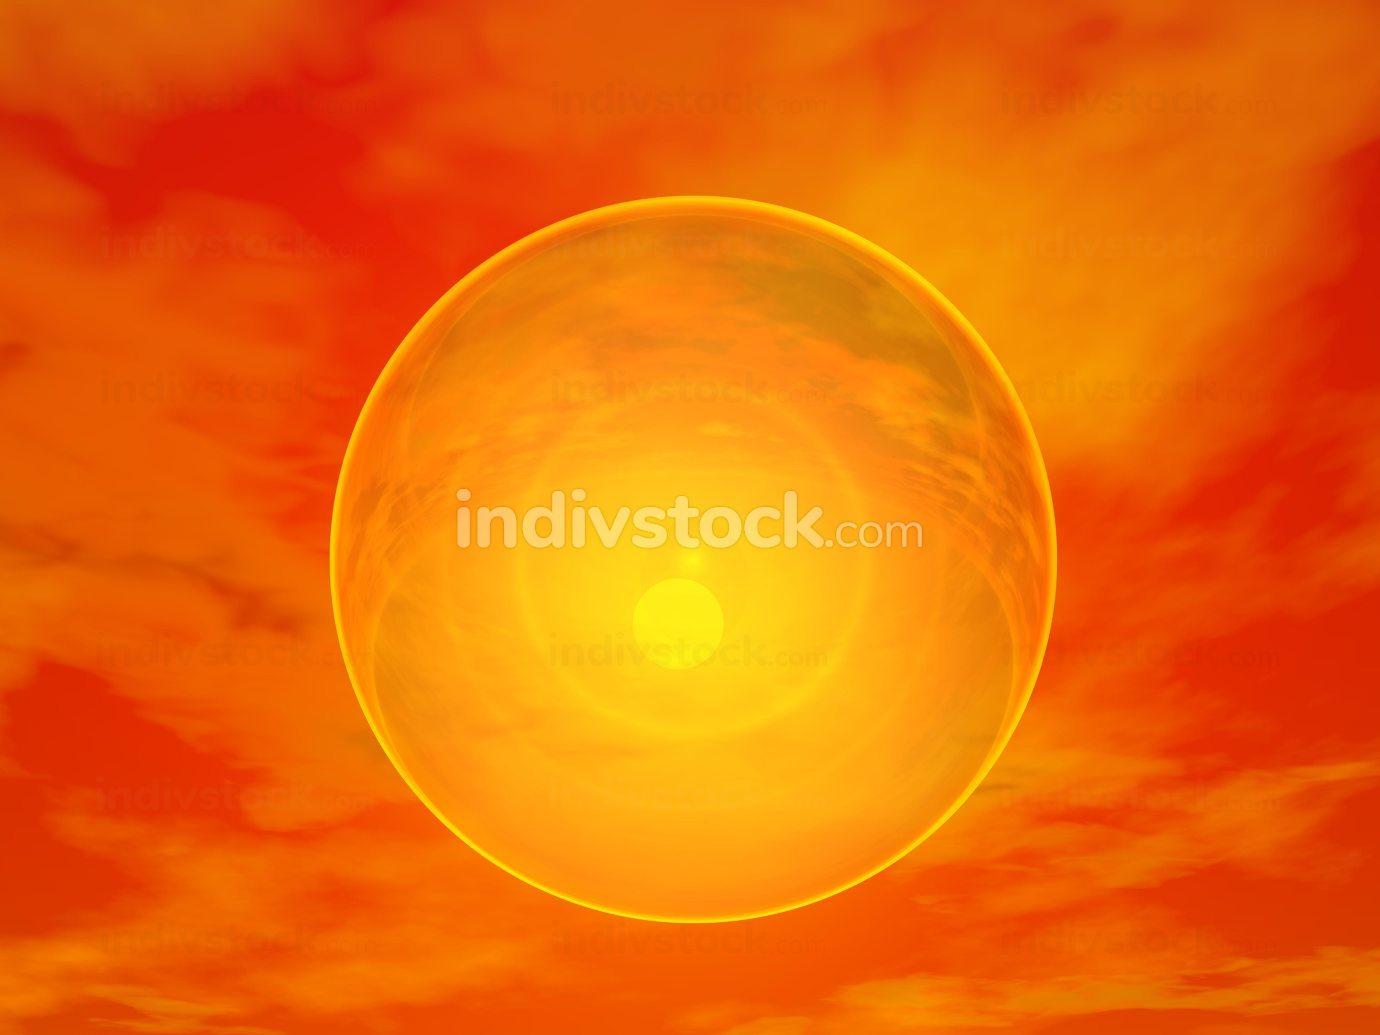 Sun behind bubble - 3D render